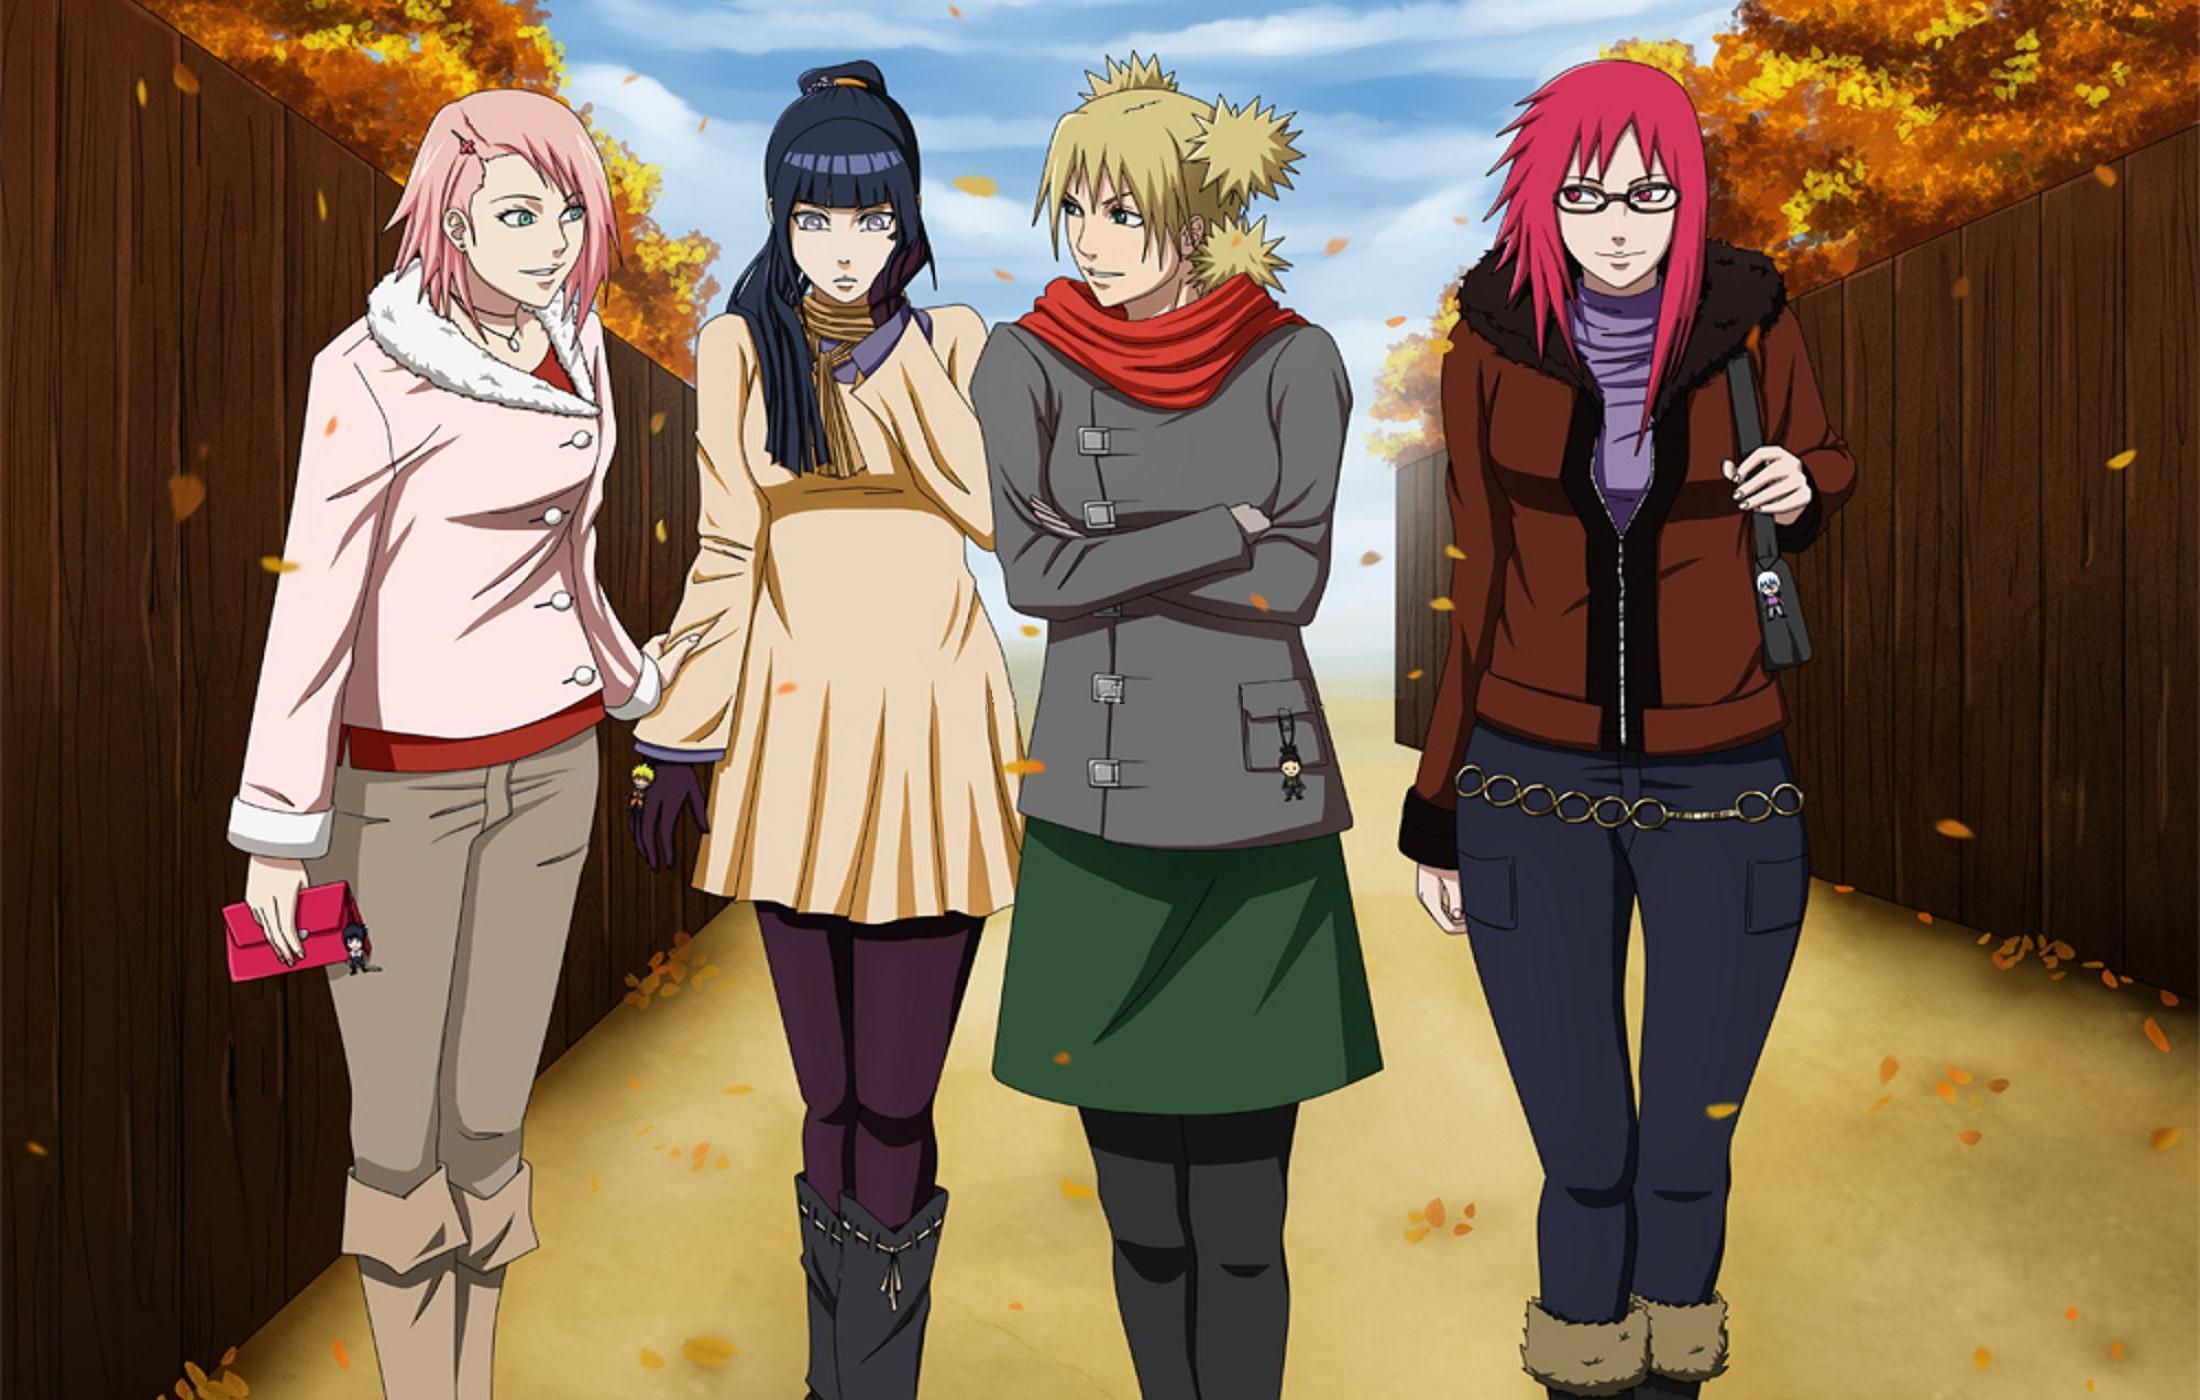 NARUTO SHIPPUDEN - Naruto Shippuuden Photo (33701528) - Fanpop